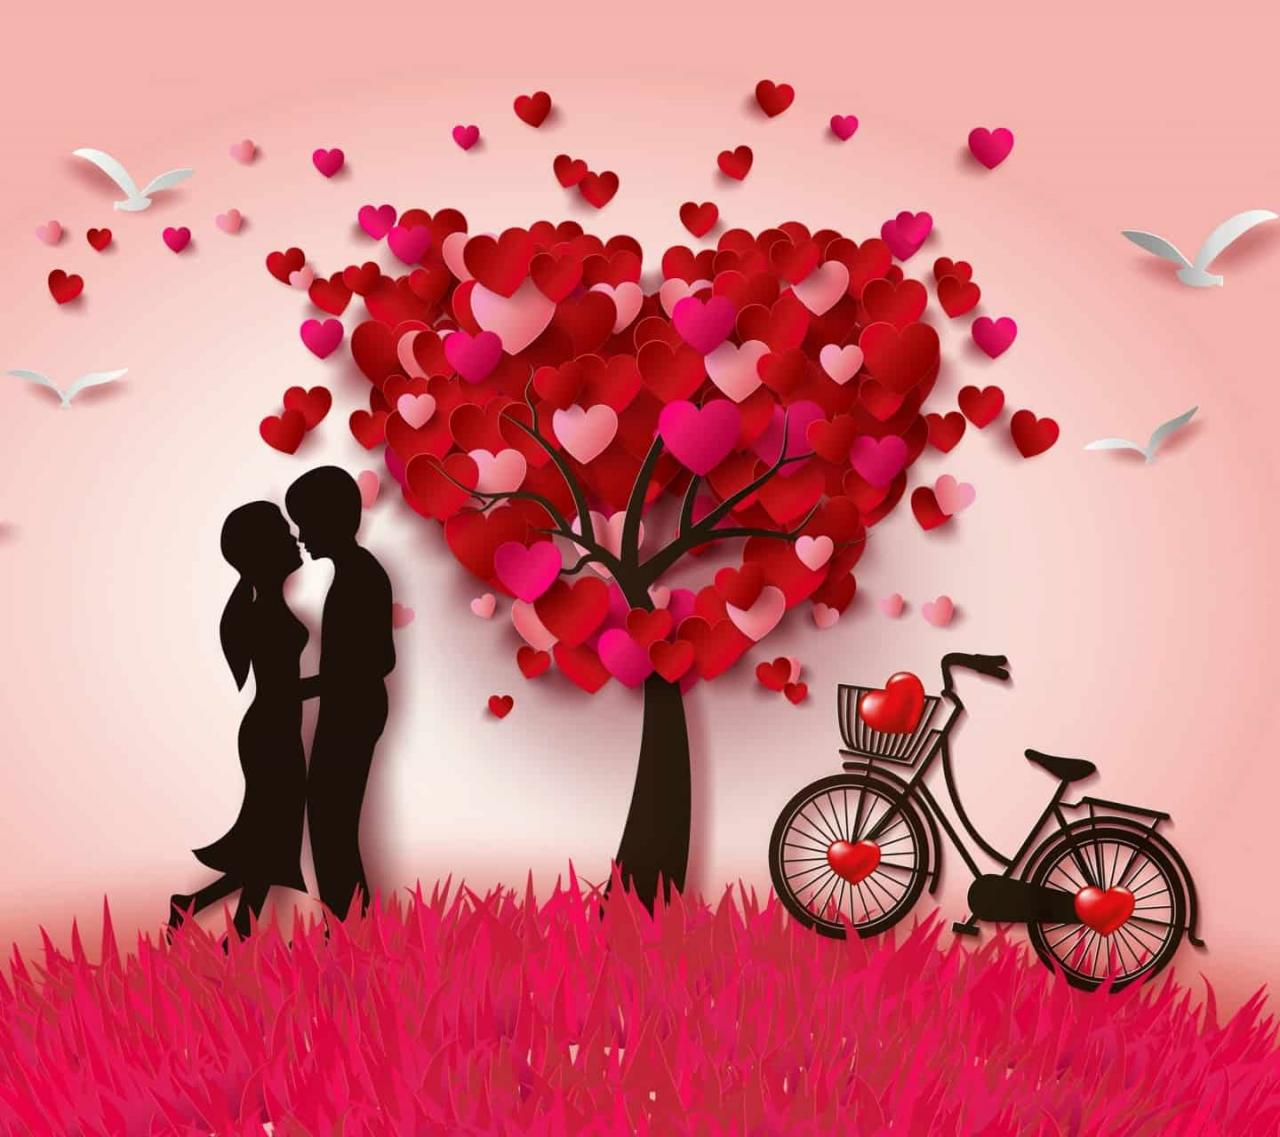 صور رؤية من تحب في المنام , تفسير حلم نري من نحب